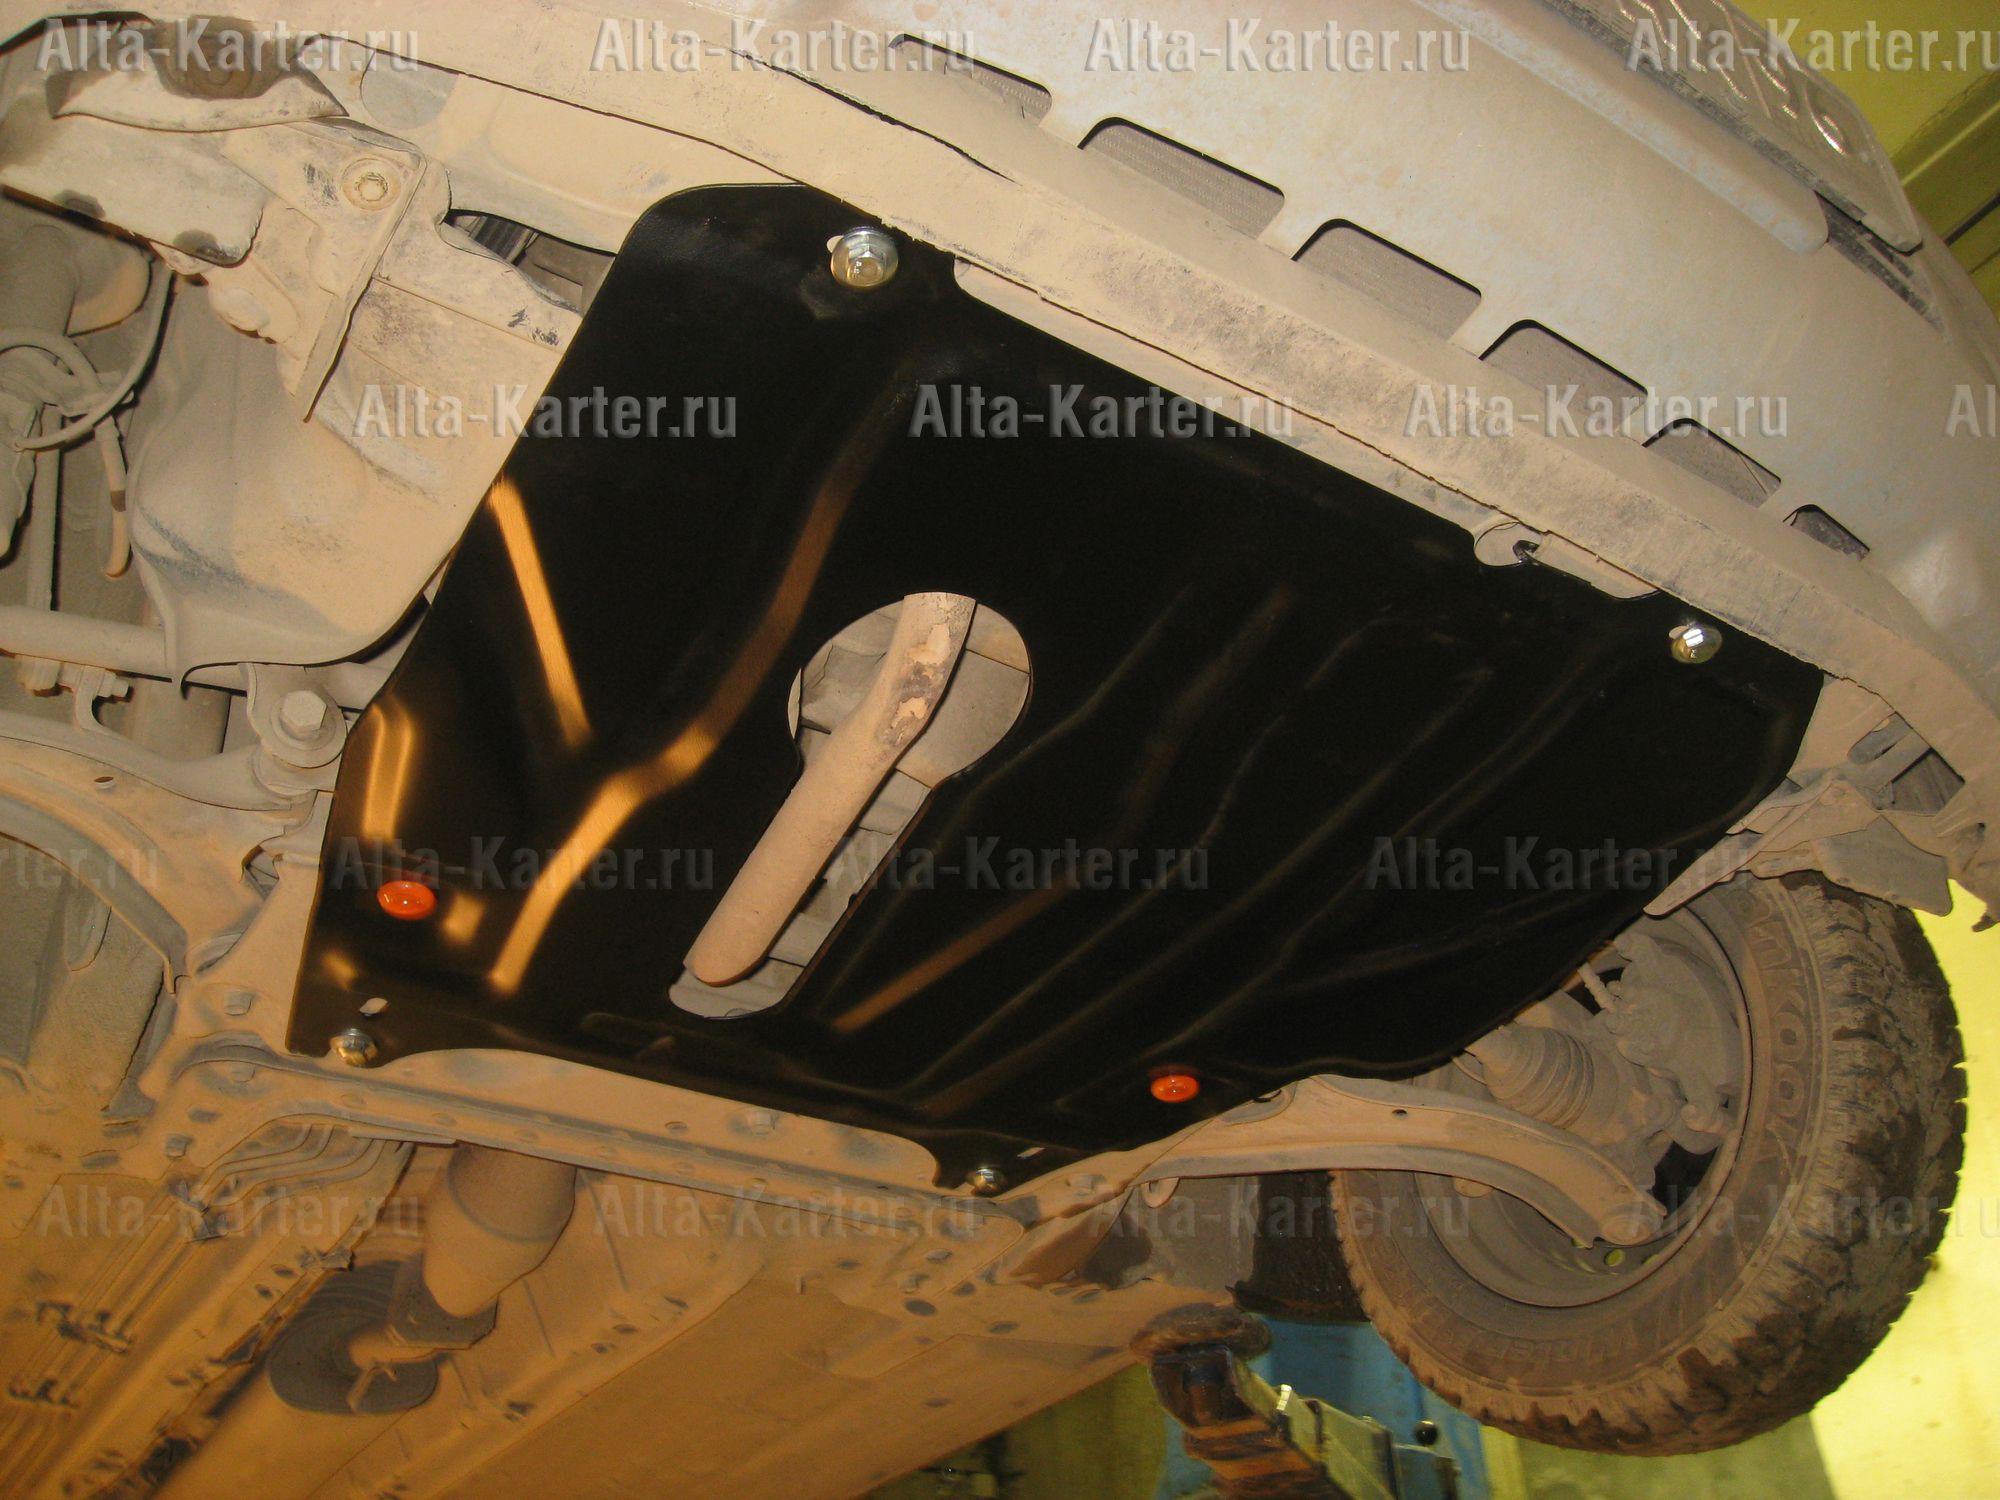 Защита Alfeco для картера и МКПП Nissan Note I (е11) 2005-2013. Артикул ALF.15.07